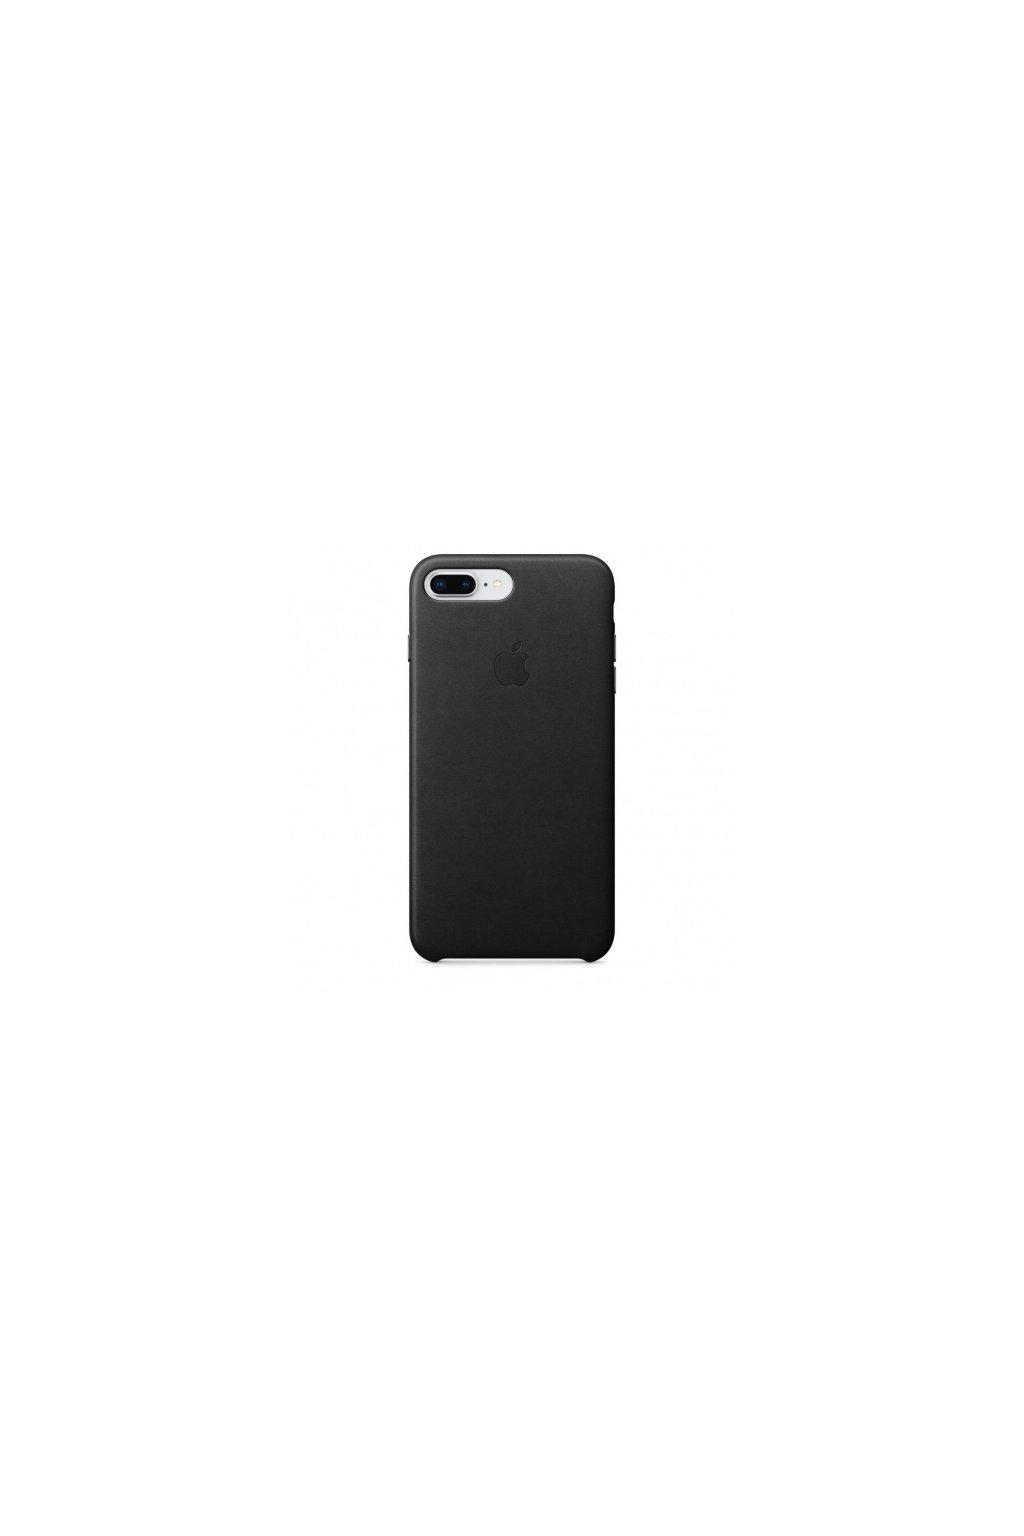 mqhm2zm:a 8 Plus:7 Plus Leather Case Black